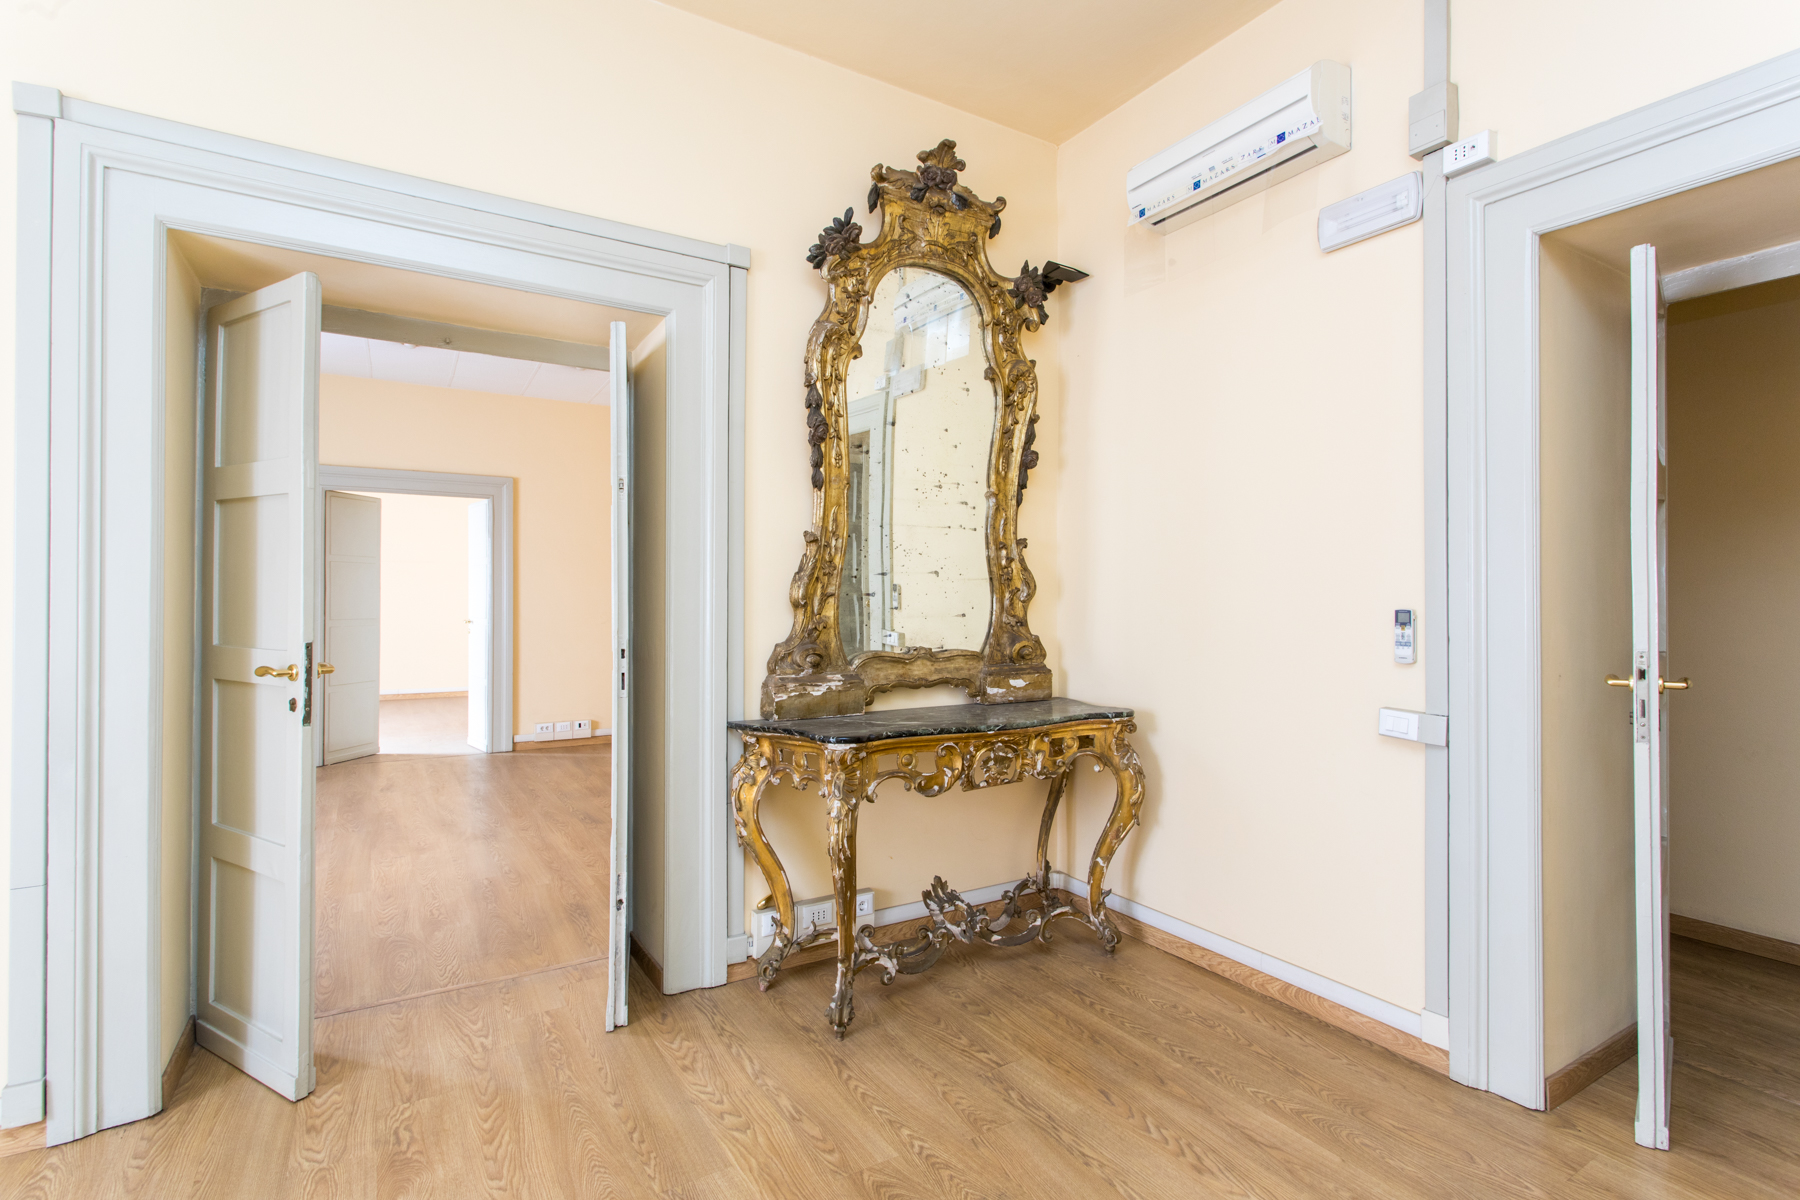 Ufficio-studio in Vendita a Roma: 5 locali, 600 mq